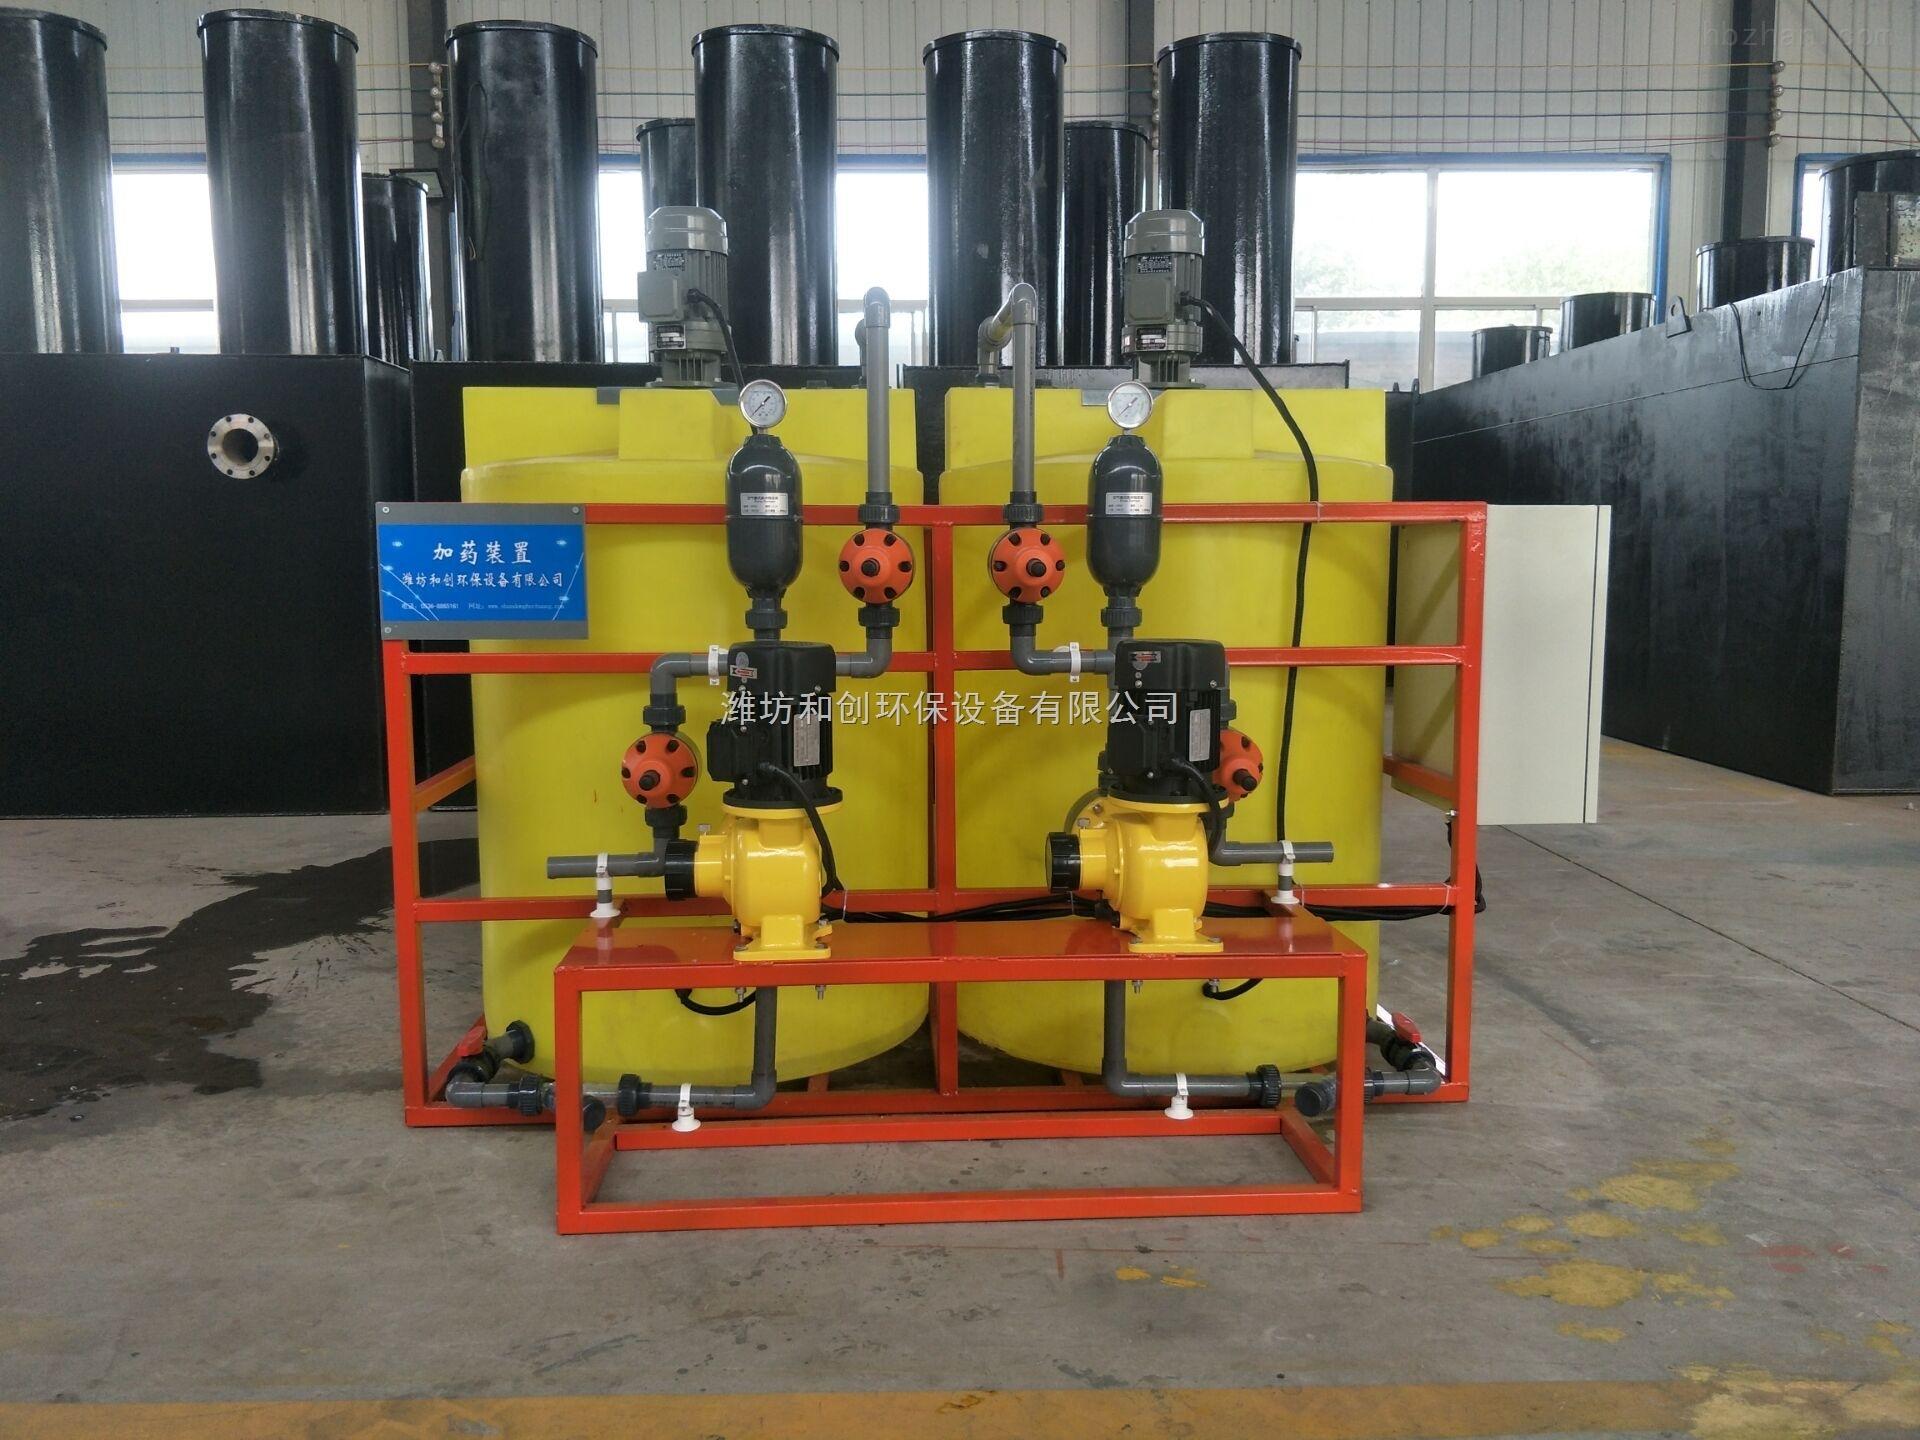 PAC加药设备生产厂/污水处理加药装置厂家